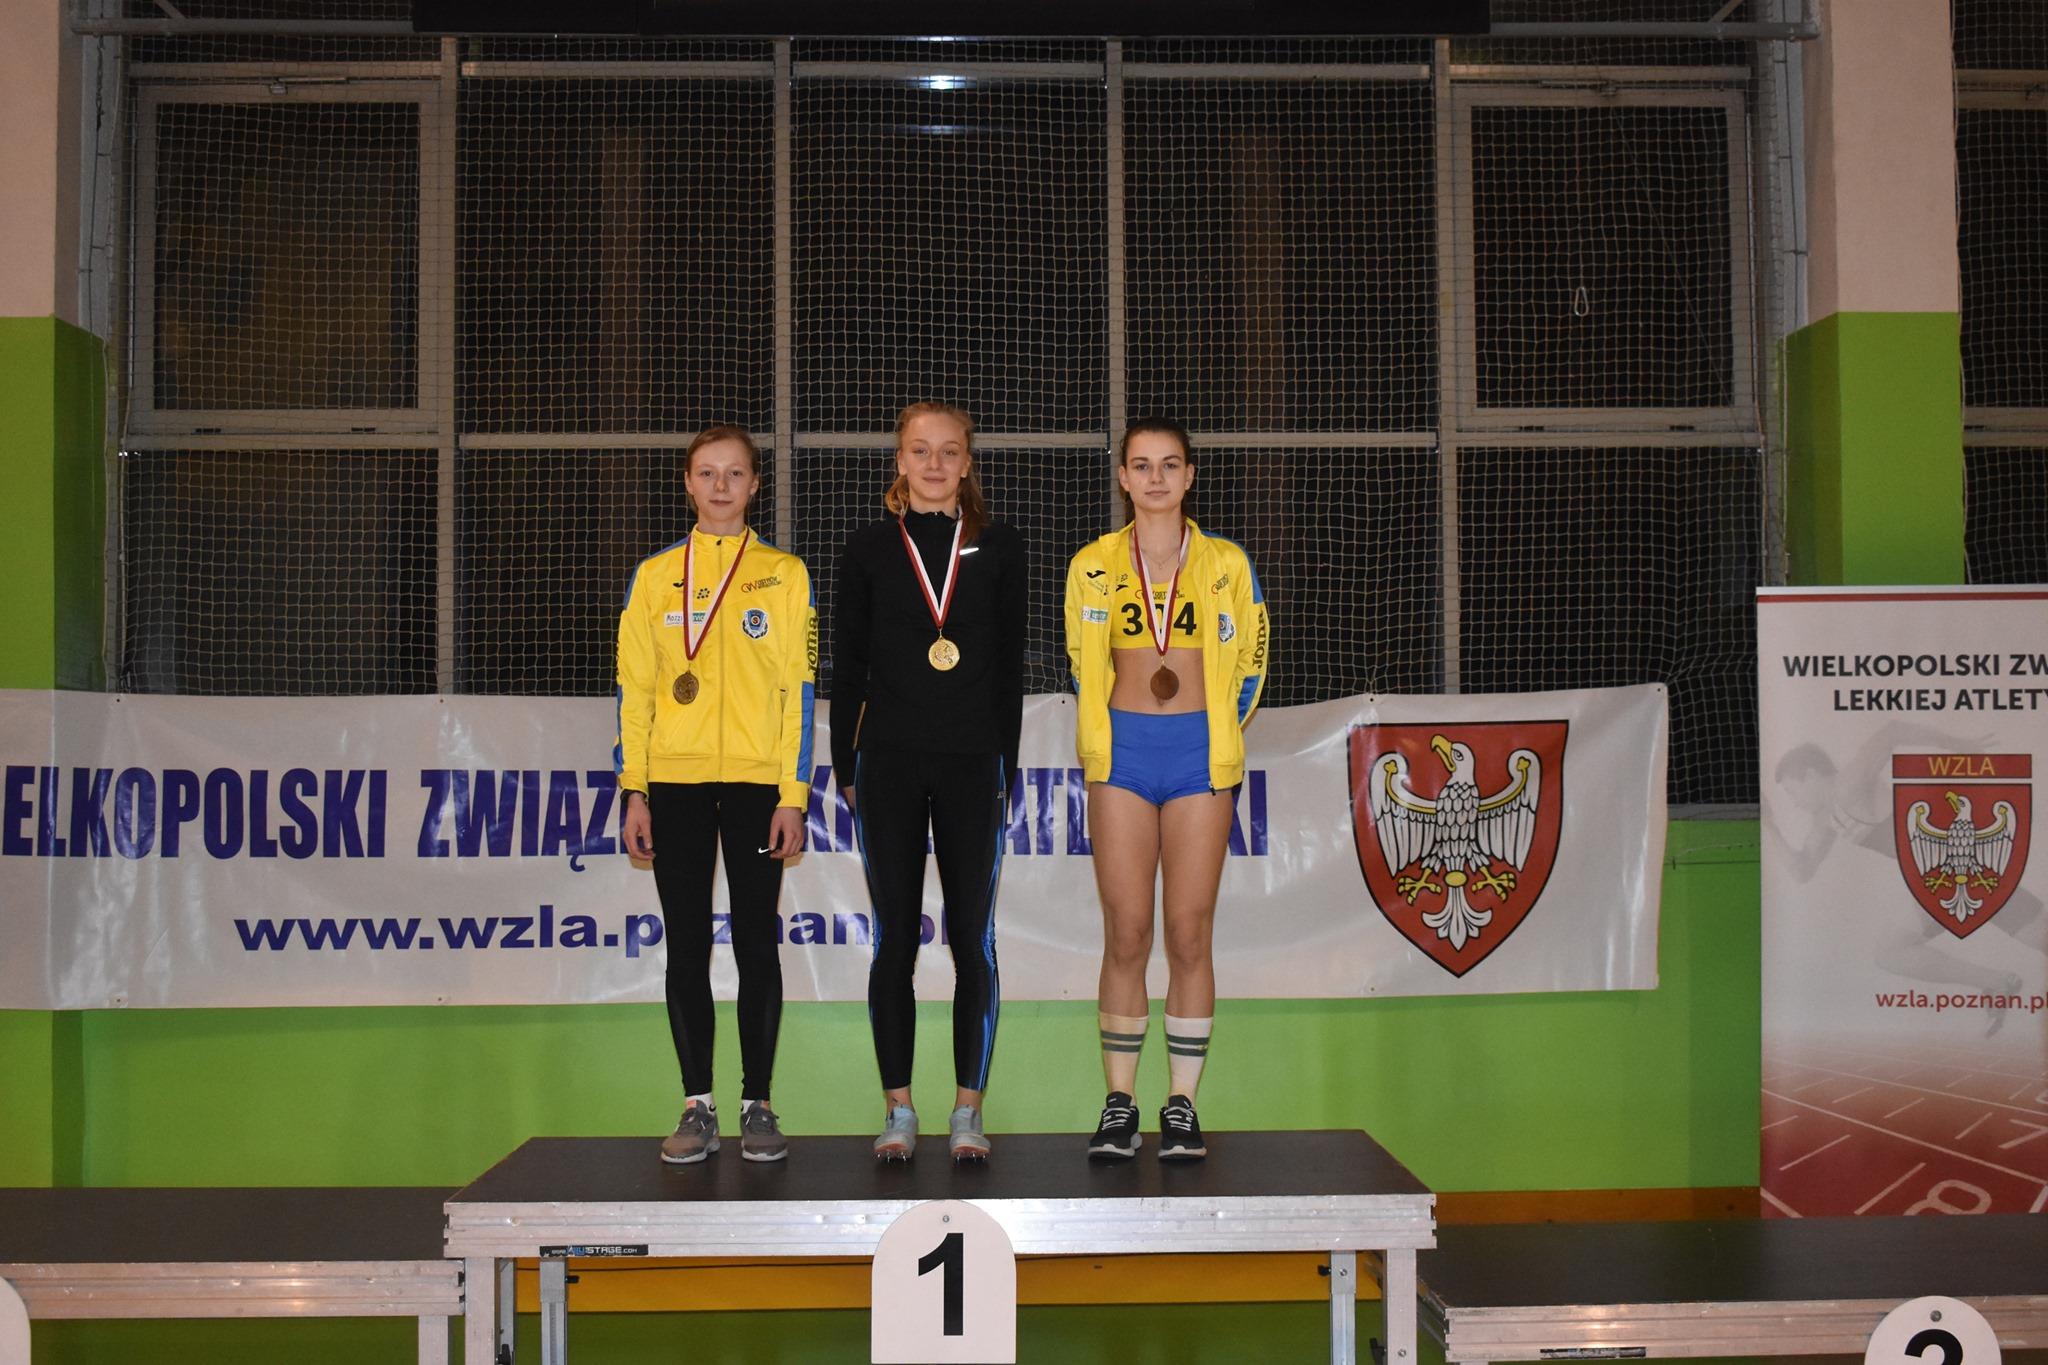 Kosmiczny konkurs skoku w dal podczas Halowych Mistrzostw Wielkopolski – Olga Szlachta uzyskała najlepszy wynik w kategorii 14-latków w historii polskiej lekkiej atletyki